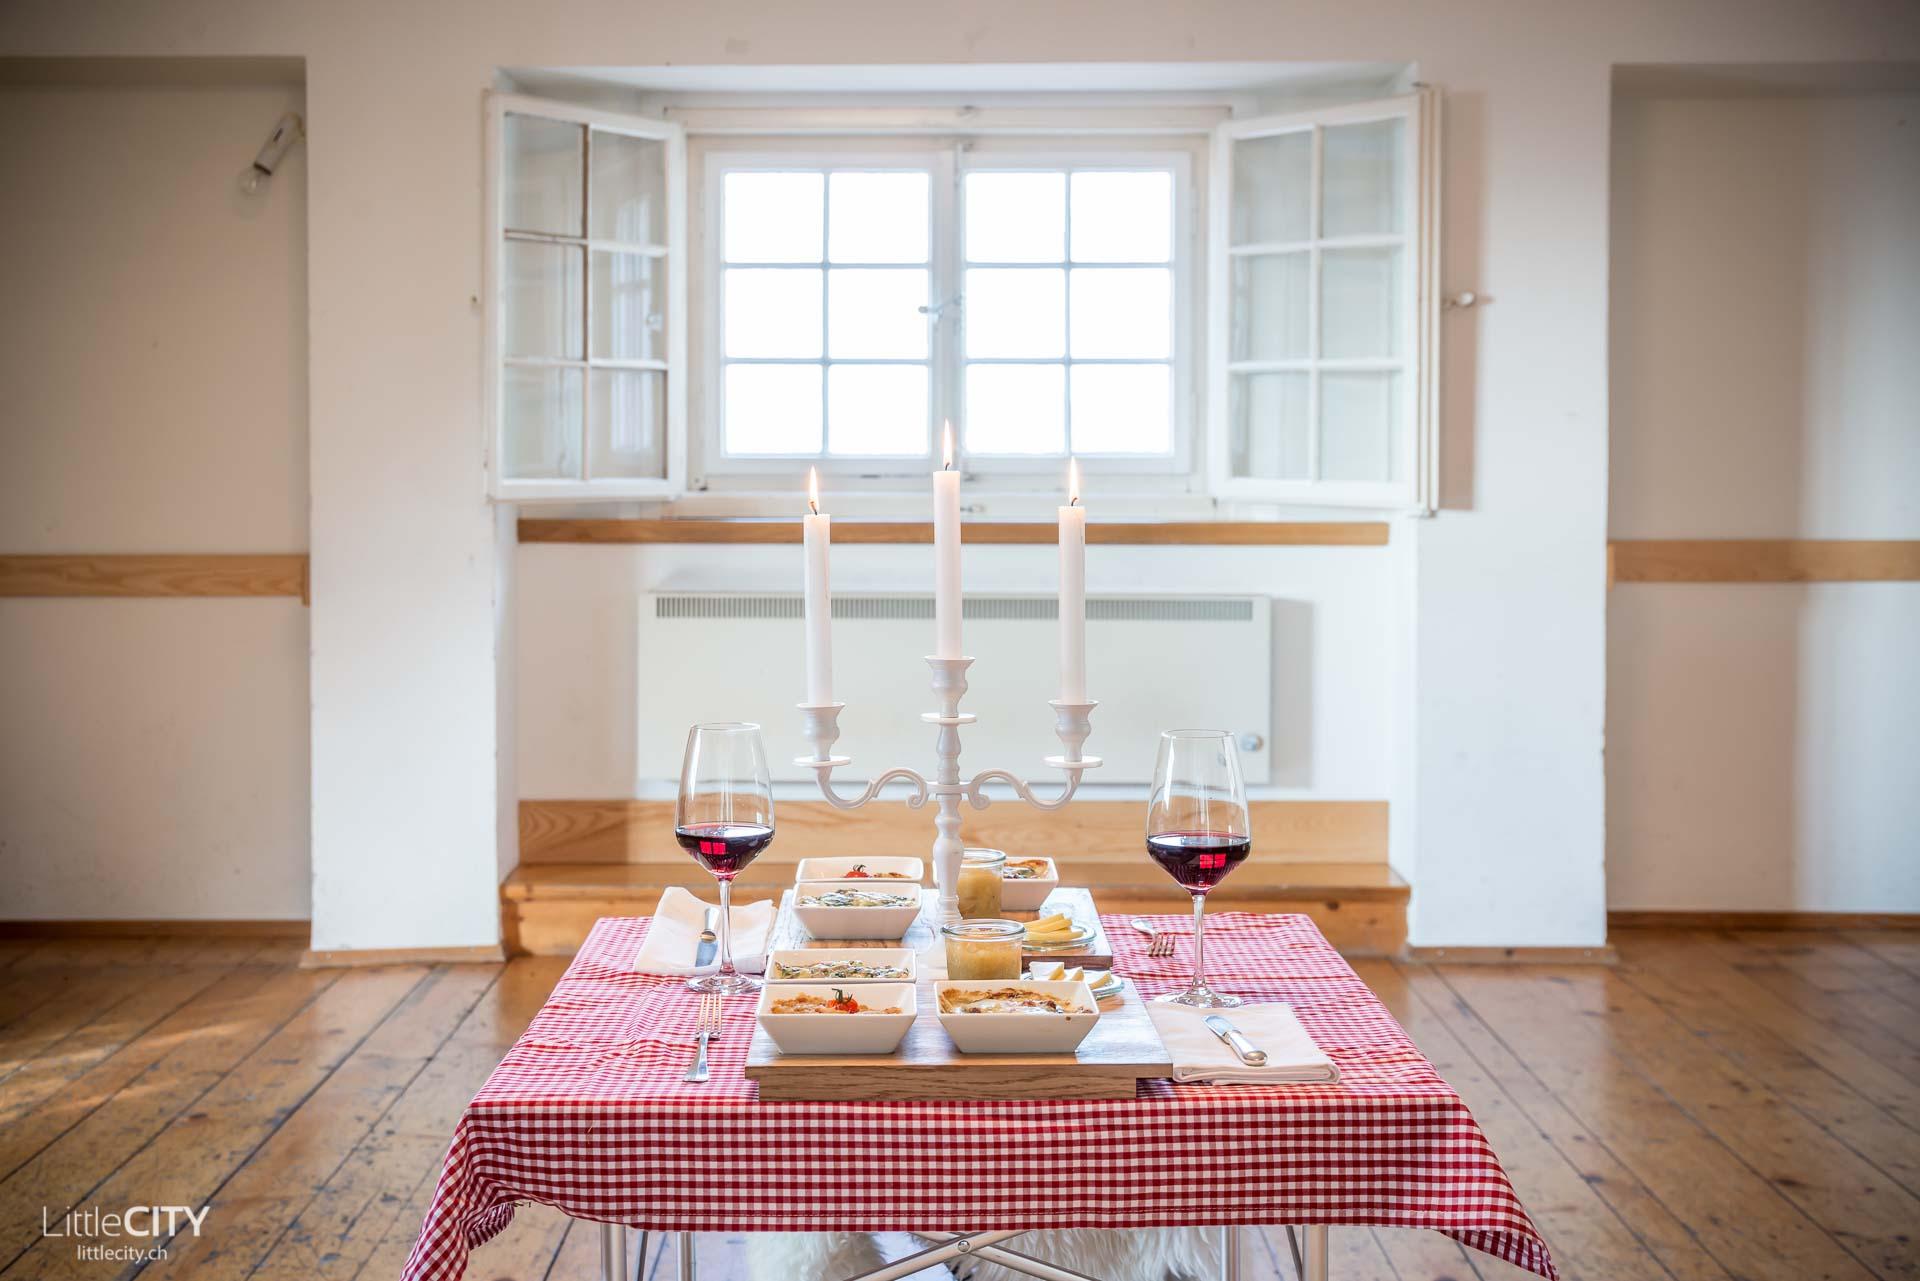 chur-st-martinskirche-buendner-trilogie-dinner-4